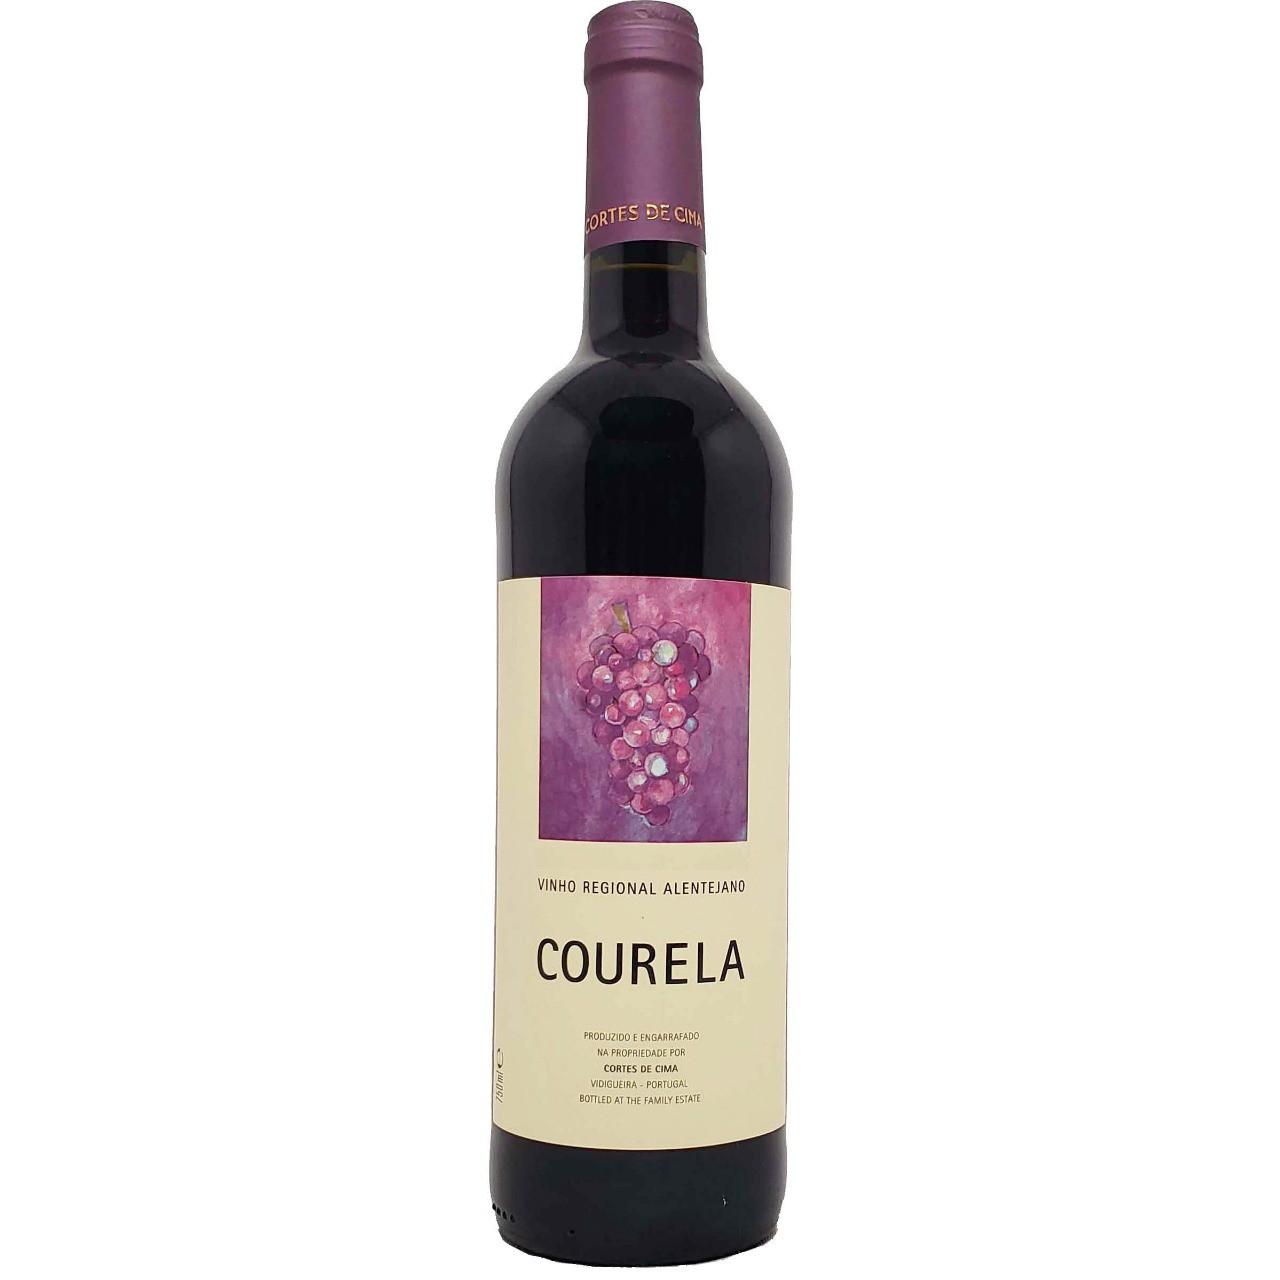 Vinho Tinto Courela Cortes de Cima - 750ml -